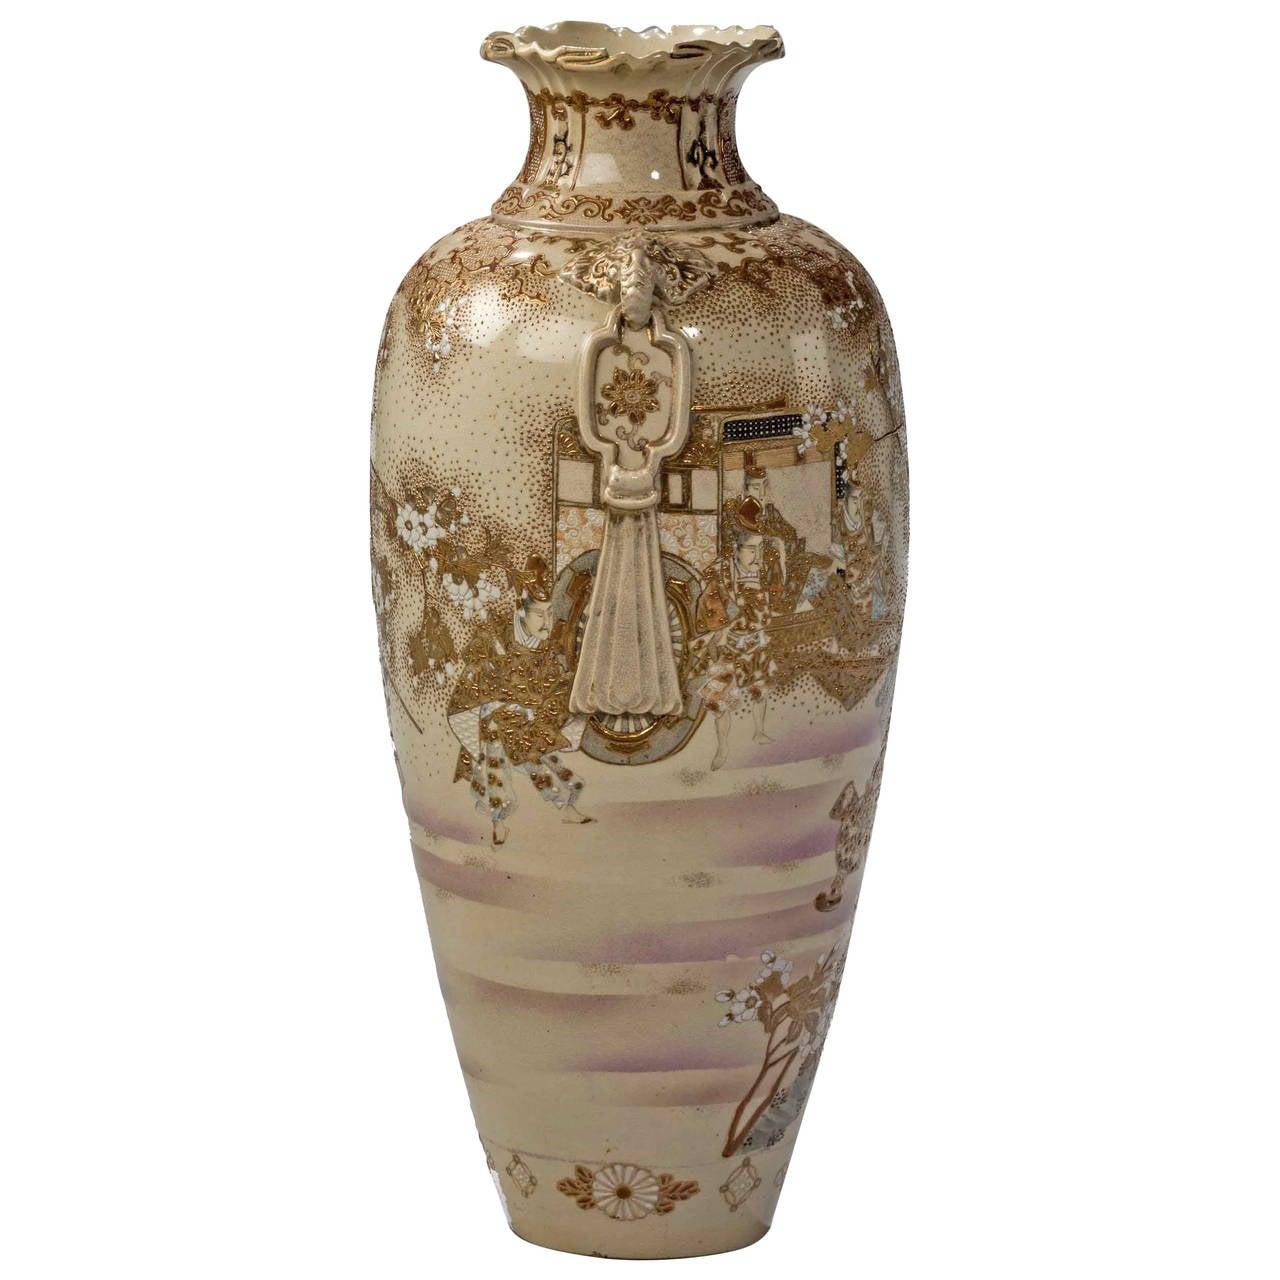 19th Century Satsuma Ovoid Pottery Vase